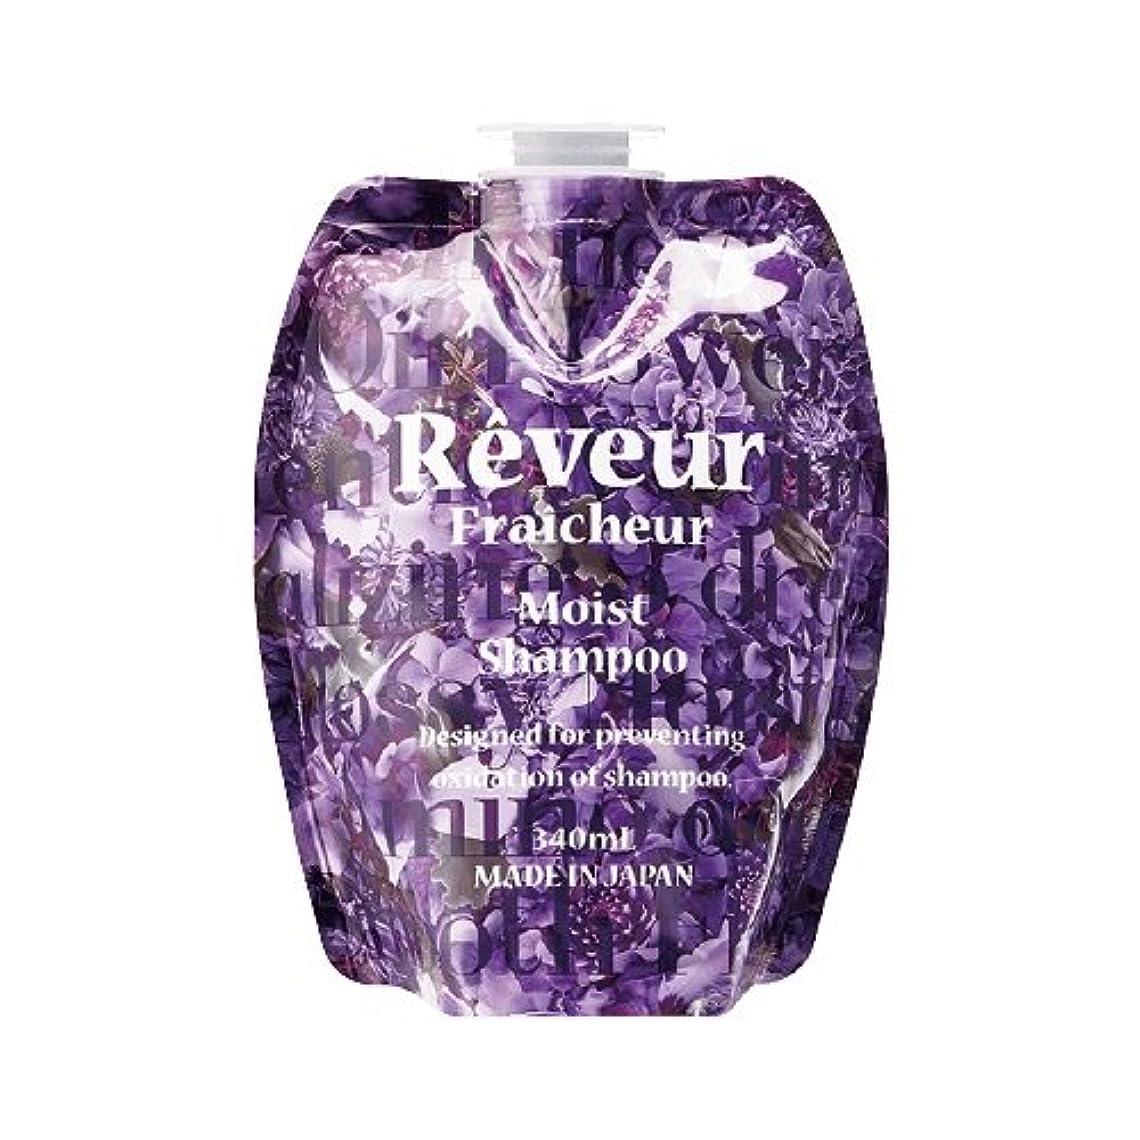 おめでとうニコチン説得力のあるReveur(レヴール) レヴール フレッシュール モイスト シャンプー 詰替え用 (340mL)